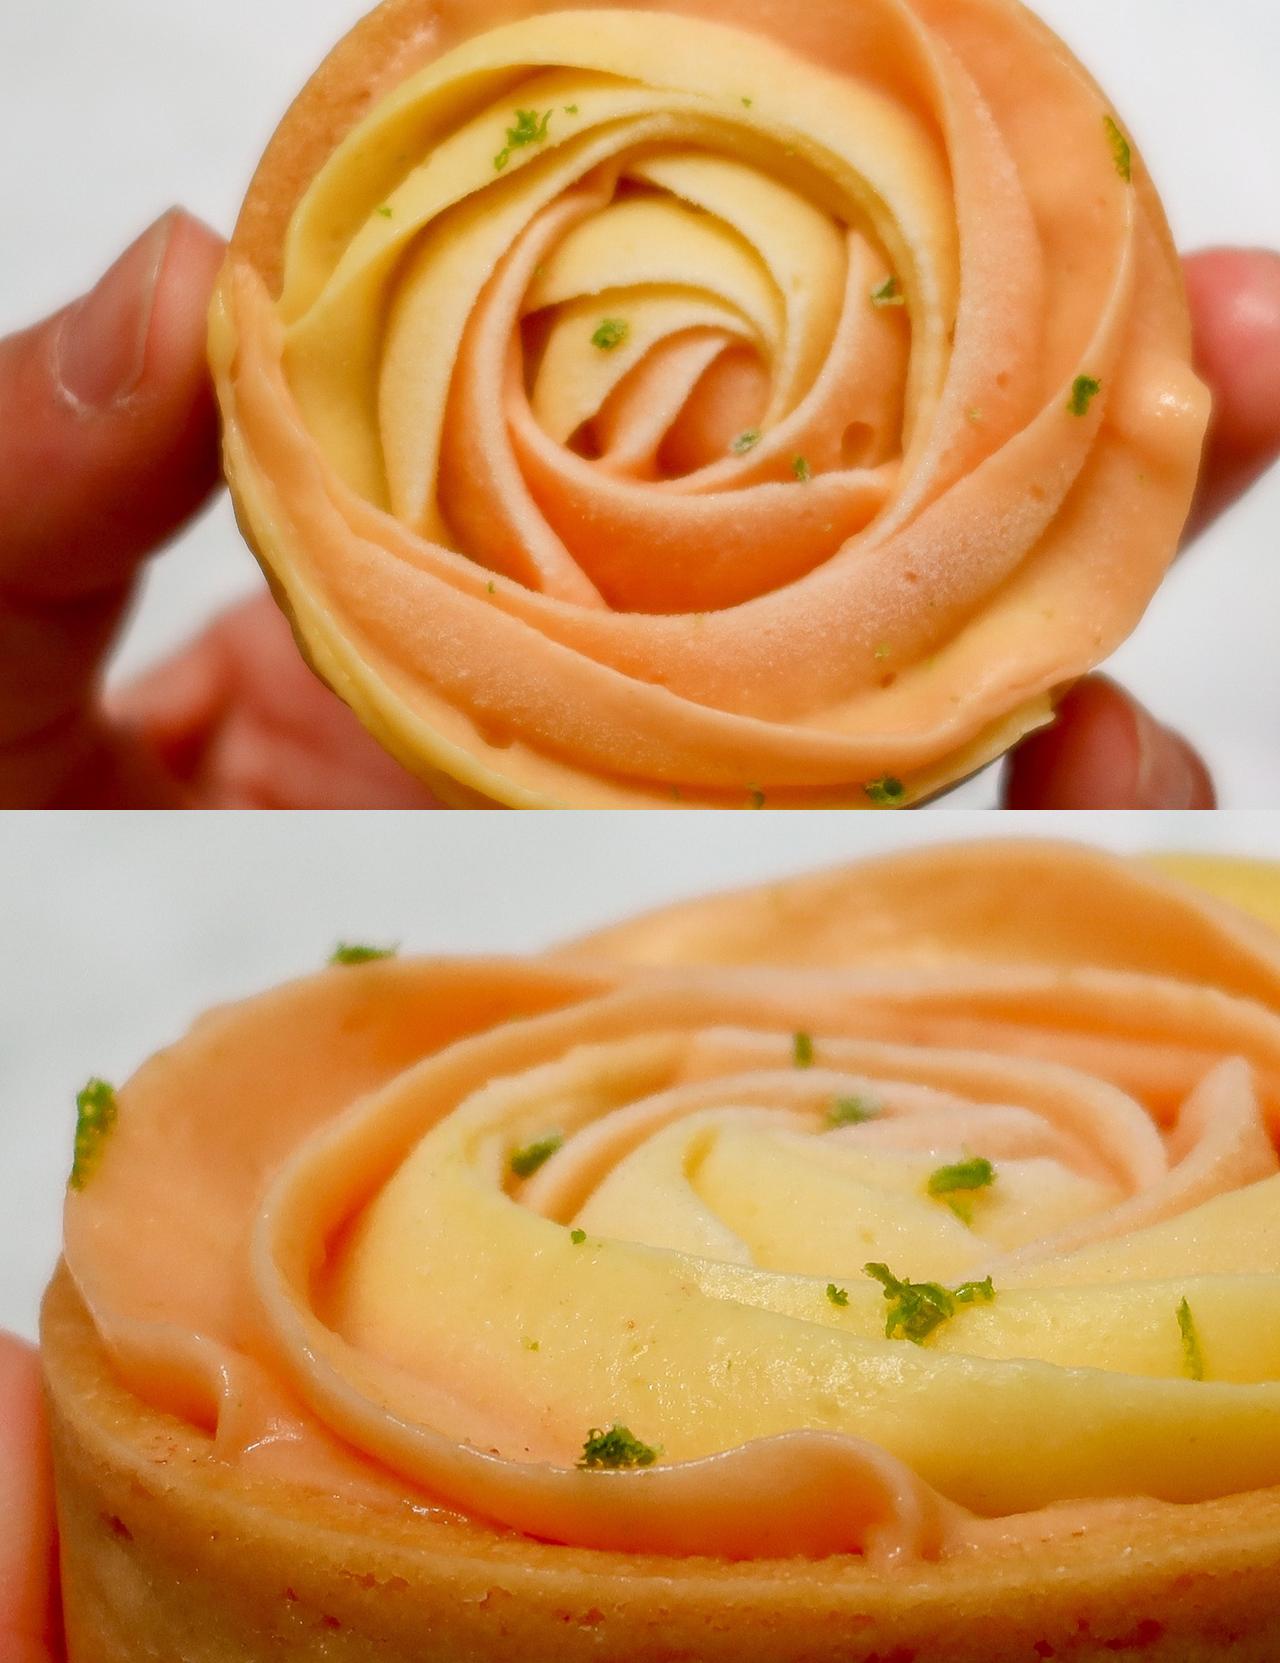 D哥岩鹽檸檬塔│天然的尚好,無化學添加的雙色玫瑰檸檬塔【採接單後製作,為新鮮度勤把關】酸甜餡料酥脆外皮,流連忘返